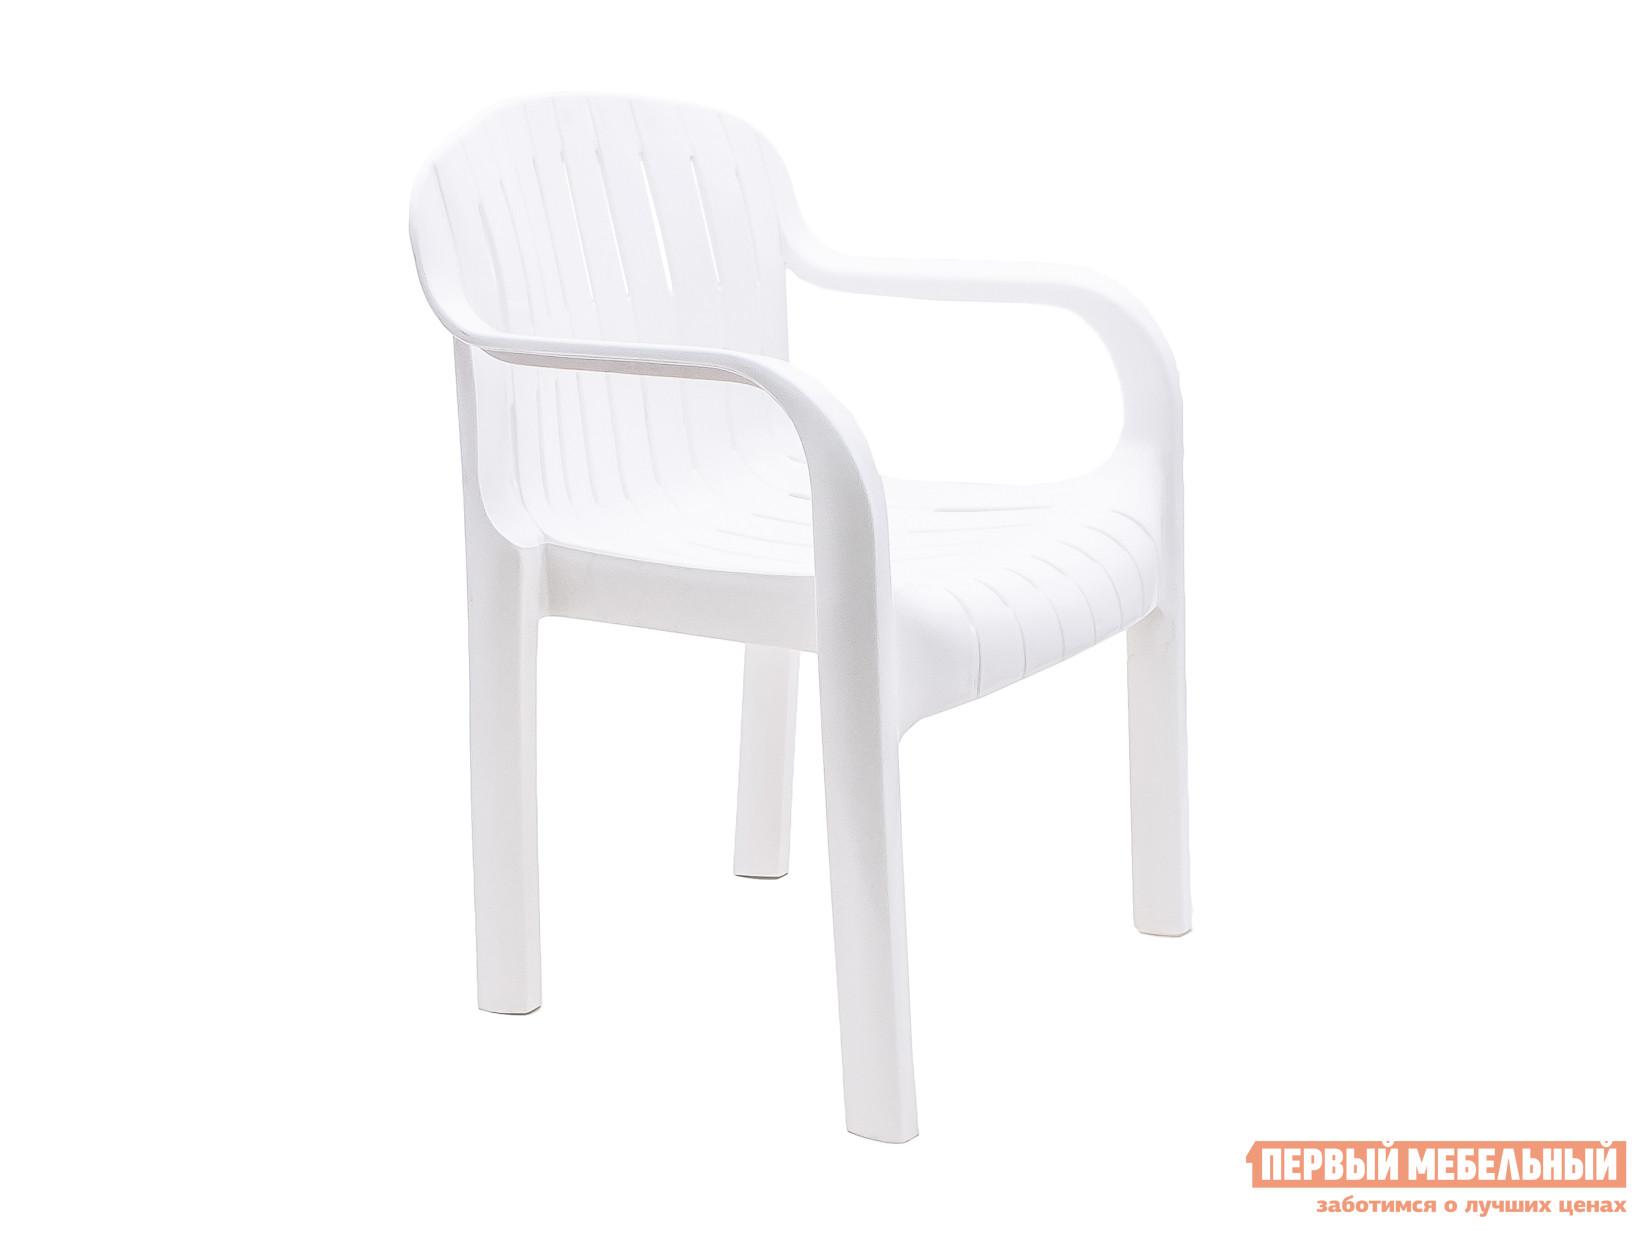 Пластиковый стул Стандарт Пластик Кресло №4 «Летнее» (610х480х810)мм БелыйПластиковые стулья<br>Габаритные размеры ВхШхГ 810x610x480 мм. Популярное для использования на выездных мероприятиях, идеальное кресло для дачи, загородных участков, открытых кафе.  Выполнено из экологически чистого сырья.  Не боится воды.  Легкое по весу. С помощью такой мебели можно быстро и без хлопот собрать компанию на природу, обеспечив комфорт каждому гостю.  Кресла штабелируются (складываются друг в друга), что делает их хранение очень удобным. Высота от пола до сиденья — 440 мм.<br><br>Цвет: Белый<br>Высота мм: 810<br>Ширина мм: 610<br>Глубина мм: 480<br>Кол-во упаковок: 1<br>Форма поставки: В собранном виде<br>Срок гарантии: 1 год<br>С подлокотниками: Да